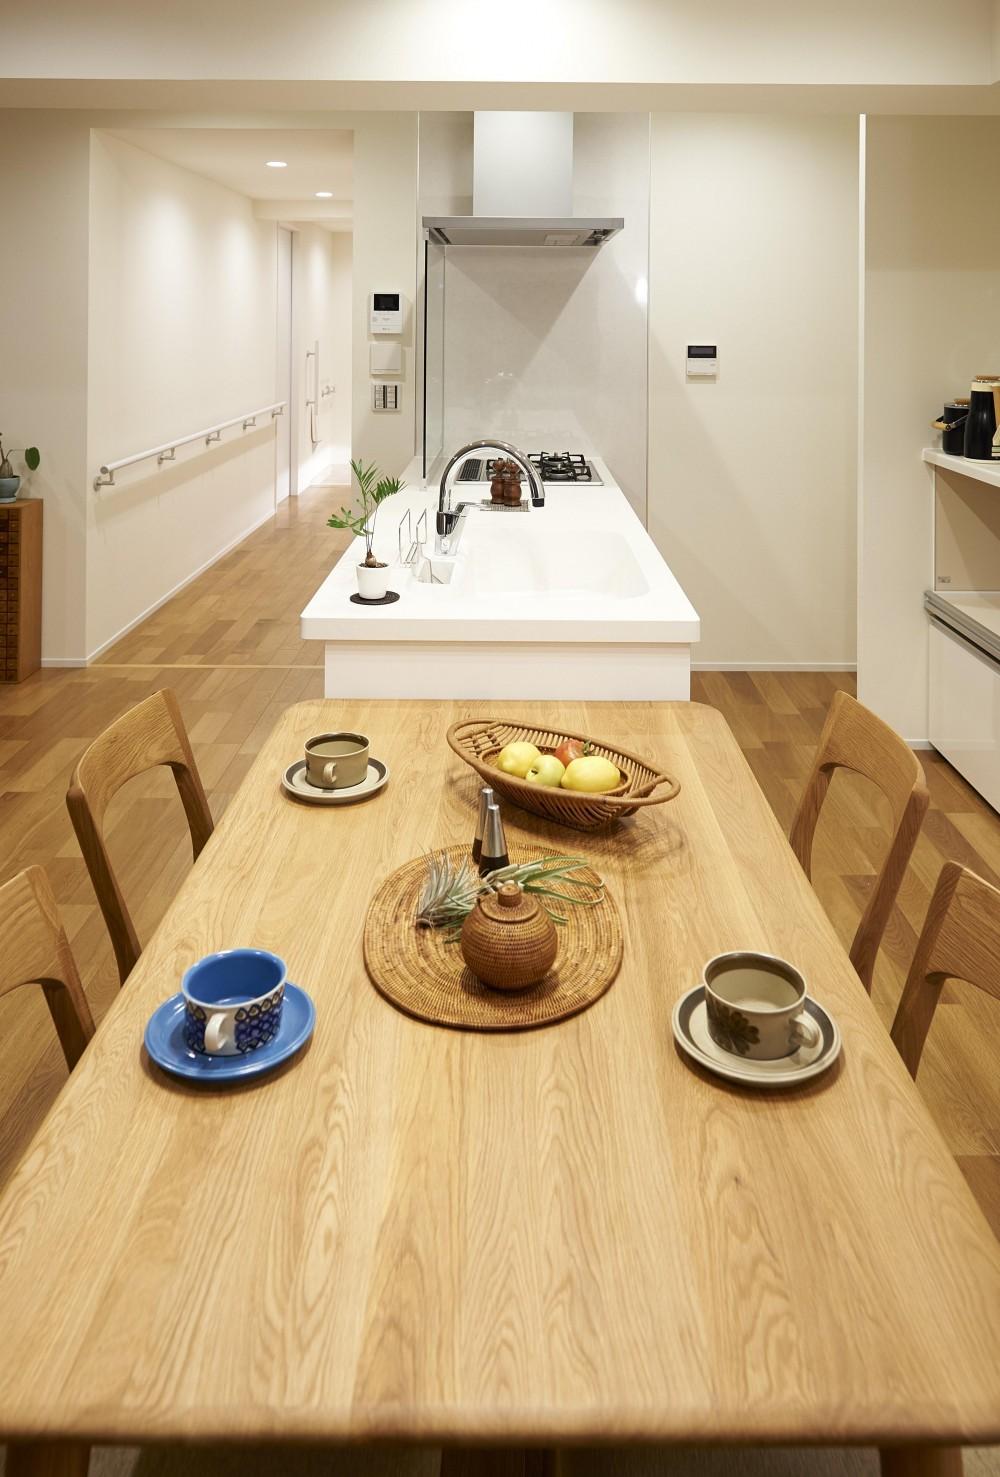 環境利便性を備えた立地にリタイヤ後に焦点を当てたバリアフリータイプ (ダイニング・キッチン)